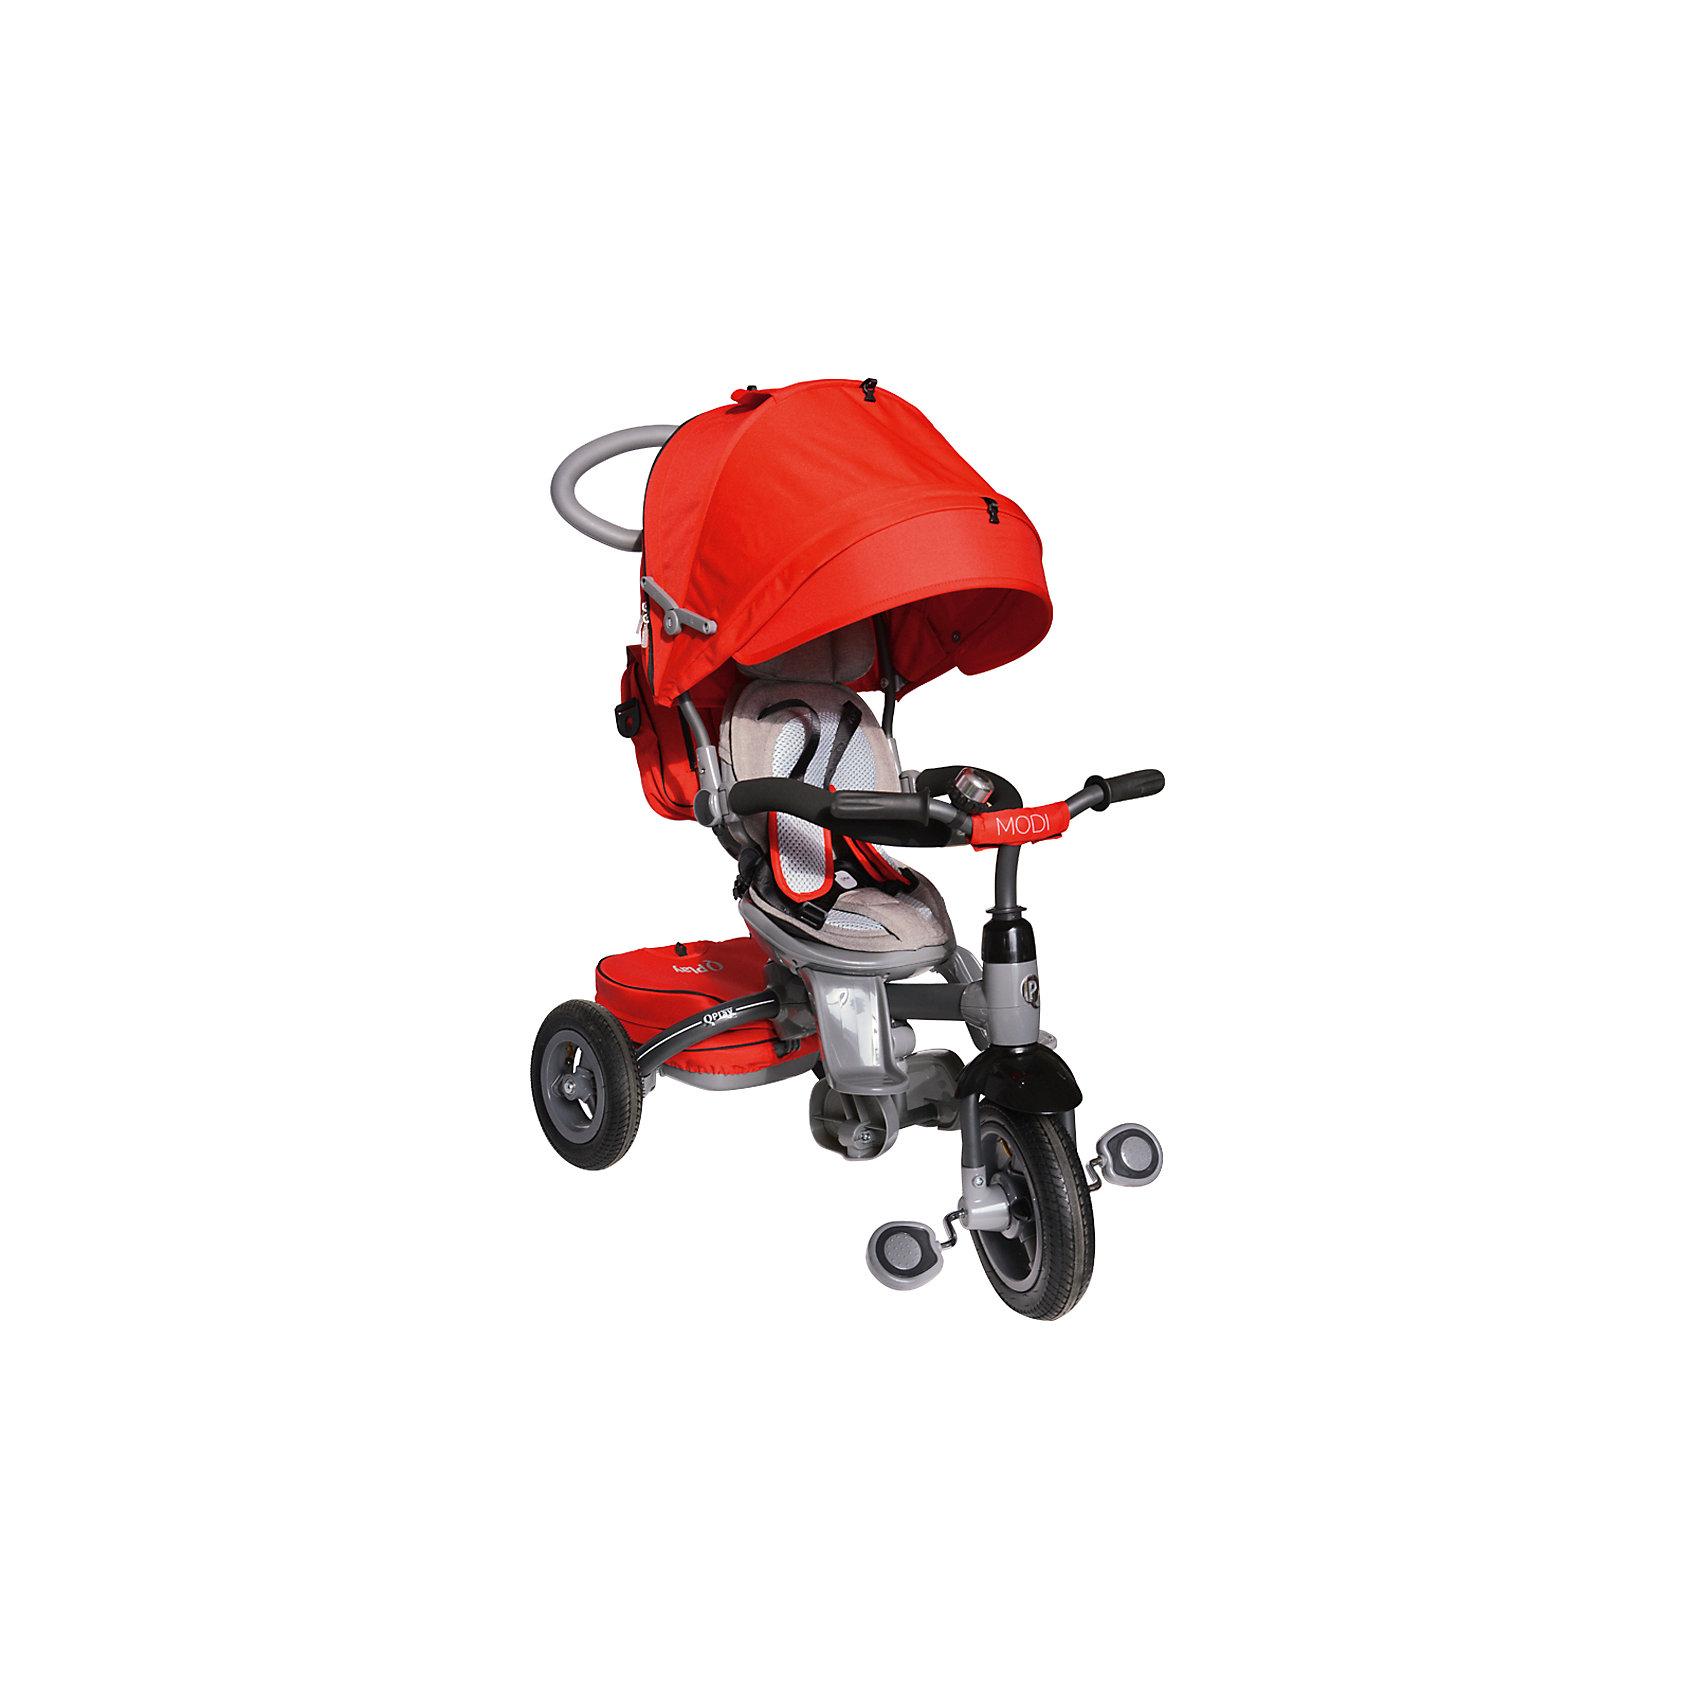 Трехколесный велосипед Modi Q-Play, красныйВелосипеды детские<br>Характеристики товара:<br><br>• возраст: от 6 месяцев;<br>• максимальная нагрузка: до 30 кг;<br>• материал: пластик, алюминий, полиэстер;<br>• регулировка ручки-толкателя;<br>• регулировка наклона спинки;<br>• 3-х точечные ремни безопасности;<br>• регулируемый съемный капюшон со смотровым окном;<br>• поворотное на 360 градусов сидение;<br>• функции блокировки руля и педалей;<br>• тип колес: надувные резиновые;<br>• диаметр переднего колеса: 10 дюймов, заднего колеса: 8 дюймов;<br>• тормоз на задних колесах;<br>• вес велосипеда: 10 кг;<br>• размер упаковки: 70х41х32 см;<br>• вес упаковки: 10,6 кг;<br>• страна производитель: Китай.<br><br>Трехколесный велосипед Modi Q-Play красный — удивительное транспортное средство для малыша, выполняющее сразу 2 функции — коляски и велосипеда. Для самых маленьких используется как коляска, которой мама управляет при помощи ручки-толкателя. <br><br>На время использования велосипеда в качестве коляски педали и руль ребенка блокируются, чтобы он не мог управлять транспортным средством. Как только малыш подрастет, он может кататься самостоятельно на велосипеде и активно проводить время на прогулке.<br><br>Для комфортного сидения малыша предусмотрен мягкий чехол и подголовник, а спинка опускается в нескольких положениях. На конструкции имеется 2 типа подножек: одна для маленького ребенка, которая выдвигается по необходимости, вторая для подрастающего ребенка, расположенная ниже. <br><br>Сидение поворачивается на 360 градусов, и малыш оказывается лицом к маме. Капюшон регулируется и защищает от непогоды и солнечных лучей. При использовании велосипеда капюшон убирается полностью. Необходимые на прогулке вещи и игрушки можно положить в корзину или сумку, которая закреплена на родительской ручке.<br><br>Рама выполнена из прочного облегченного алюминия. Надувные колеса делают ход плавным даже по бездорожью. На задних колесах расположен тормоз для фиксации во время остановки.<br>